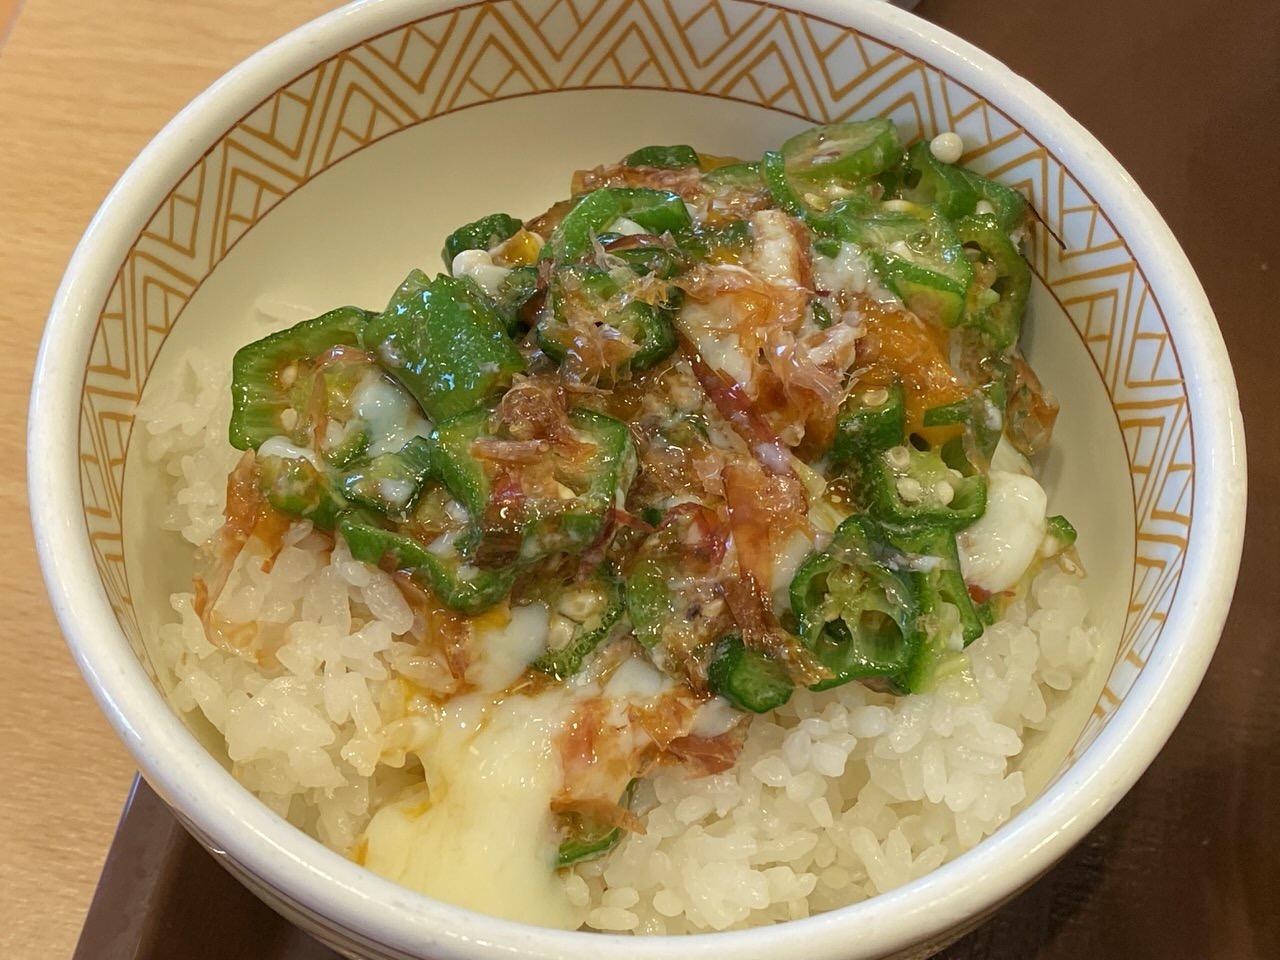 すき家の朝食で味噌汁を豚汁に変更 6